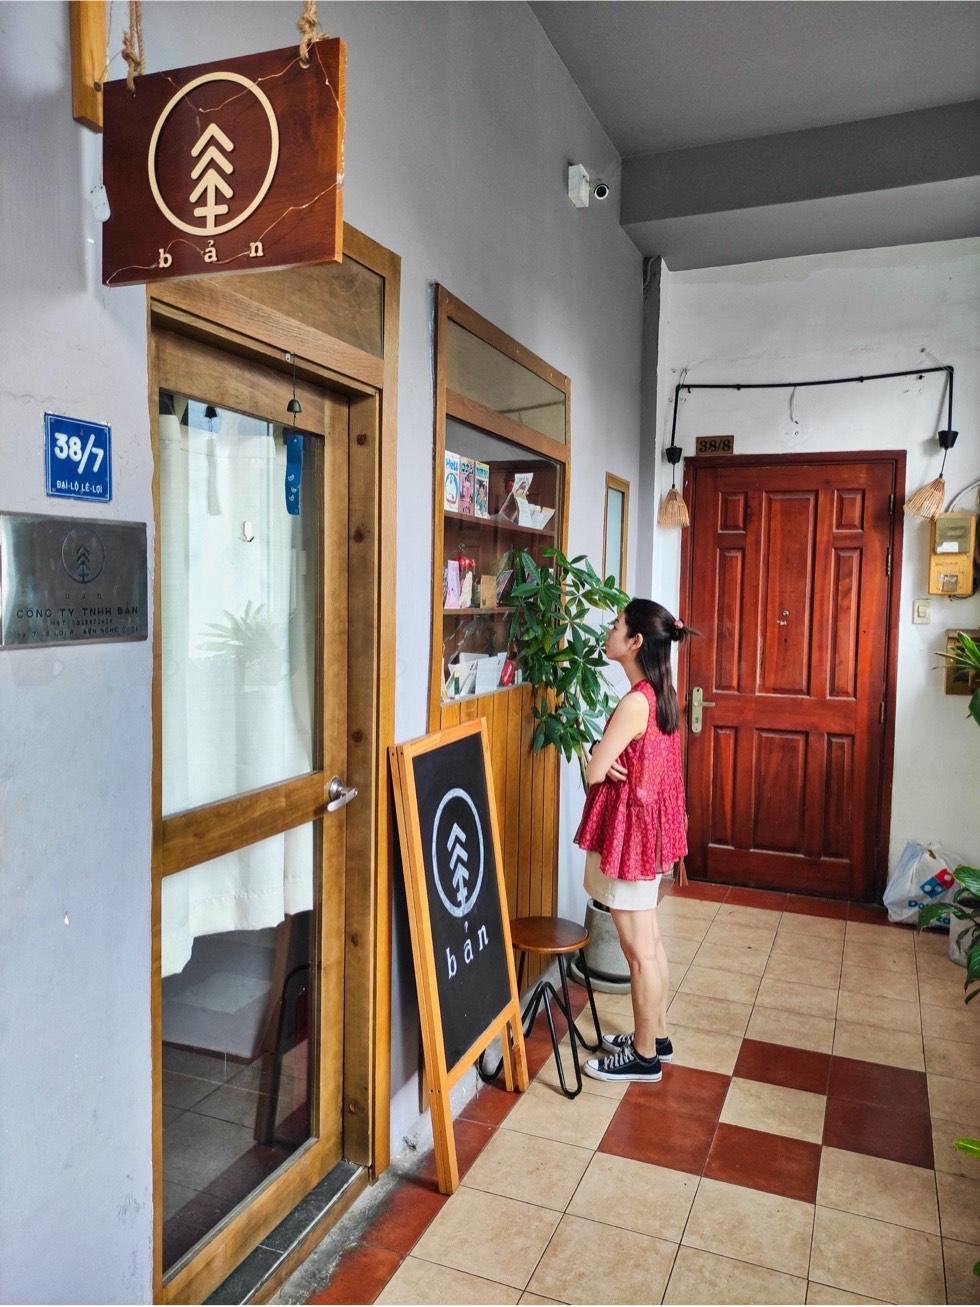 BAN Ca Phe Entrance